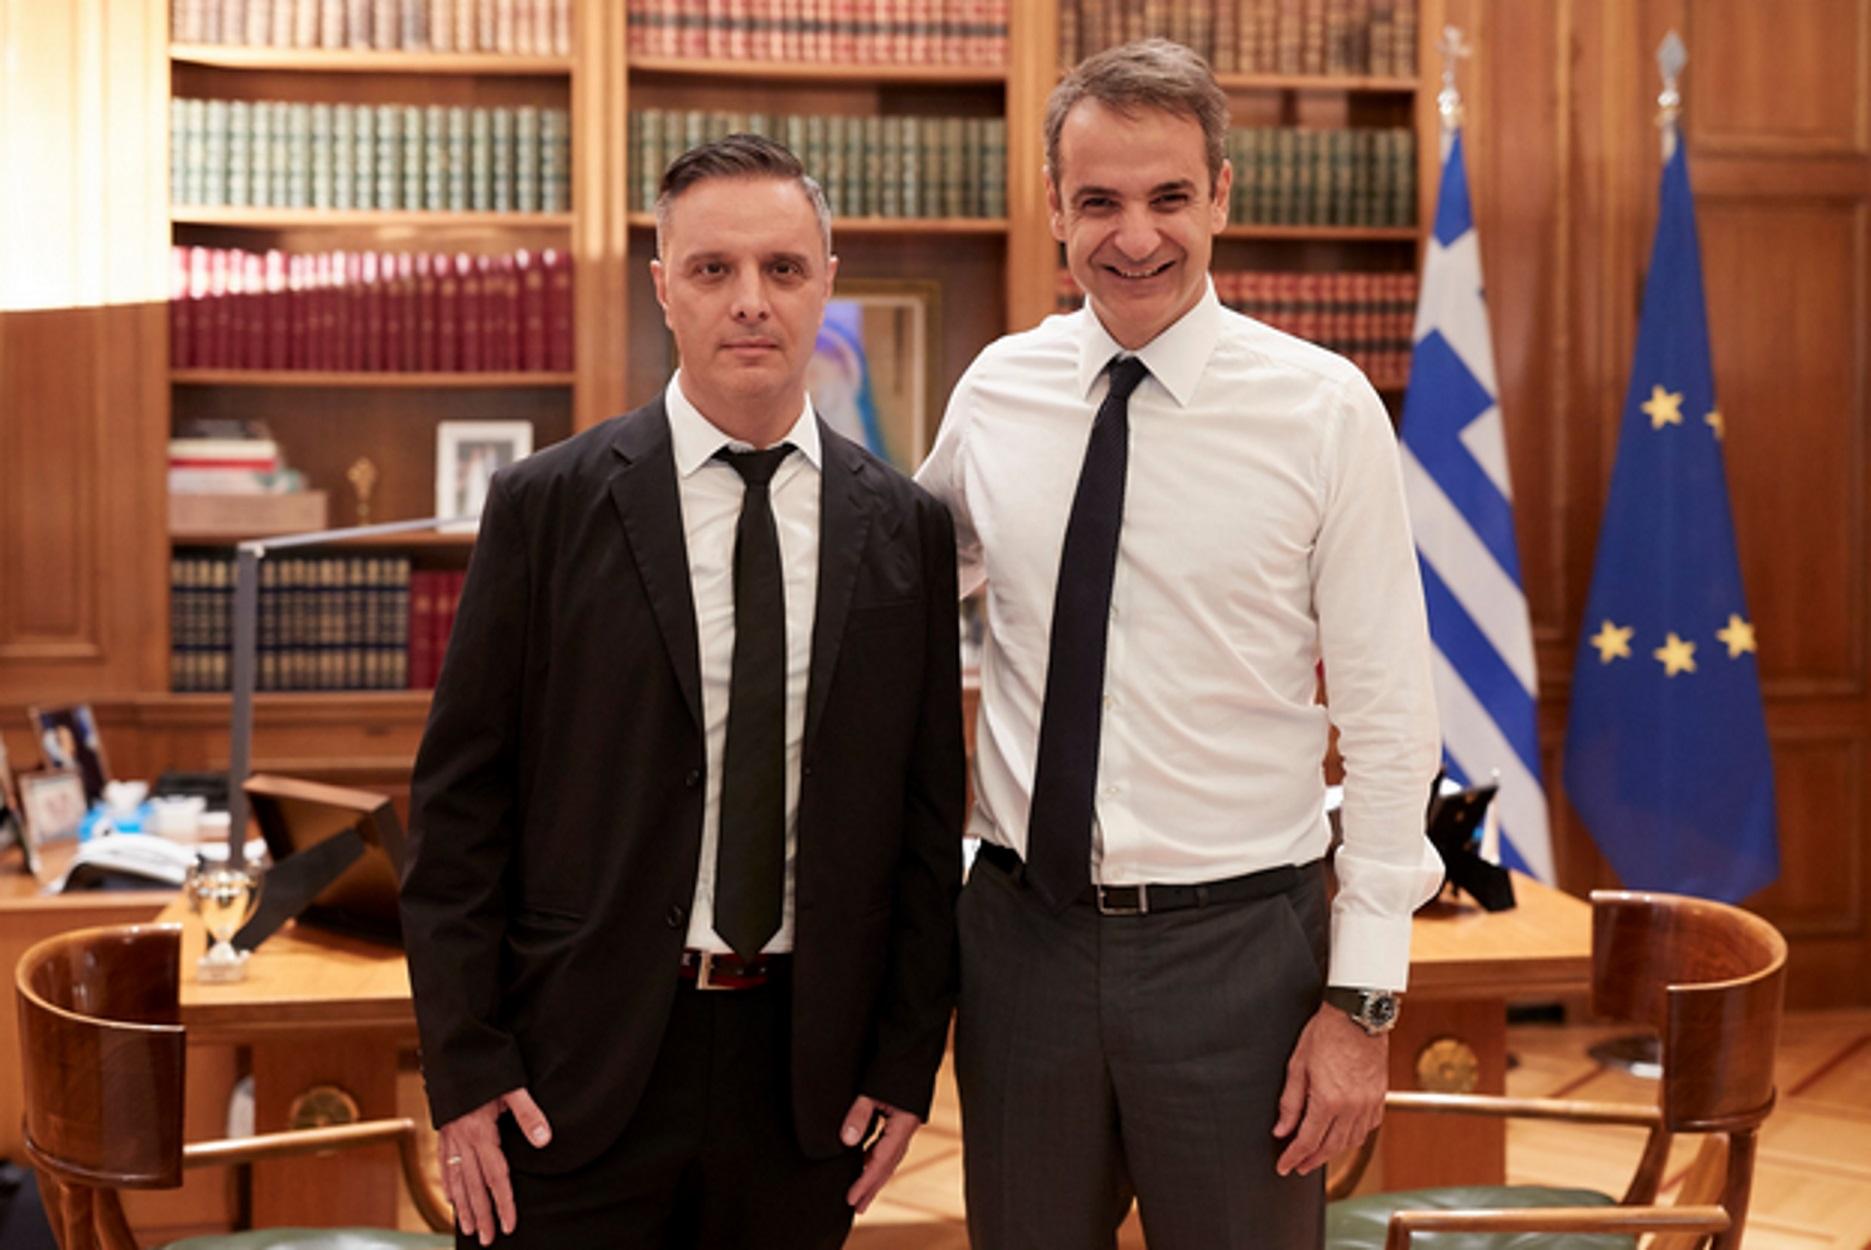 Ο Στηβ Βρανάκης ειδικός σύμβουλος του Κυριάκου Μητσοτάκη